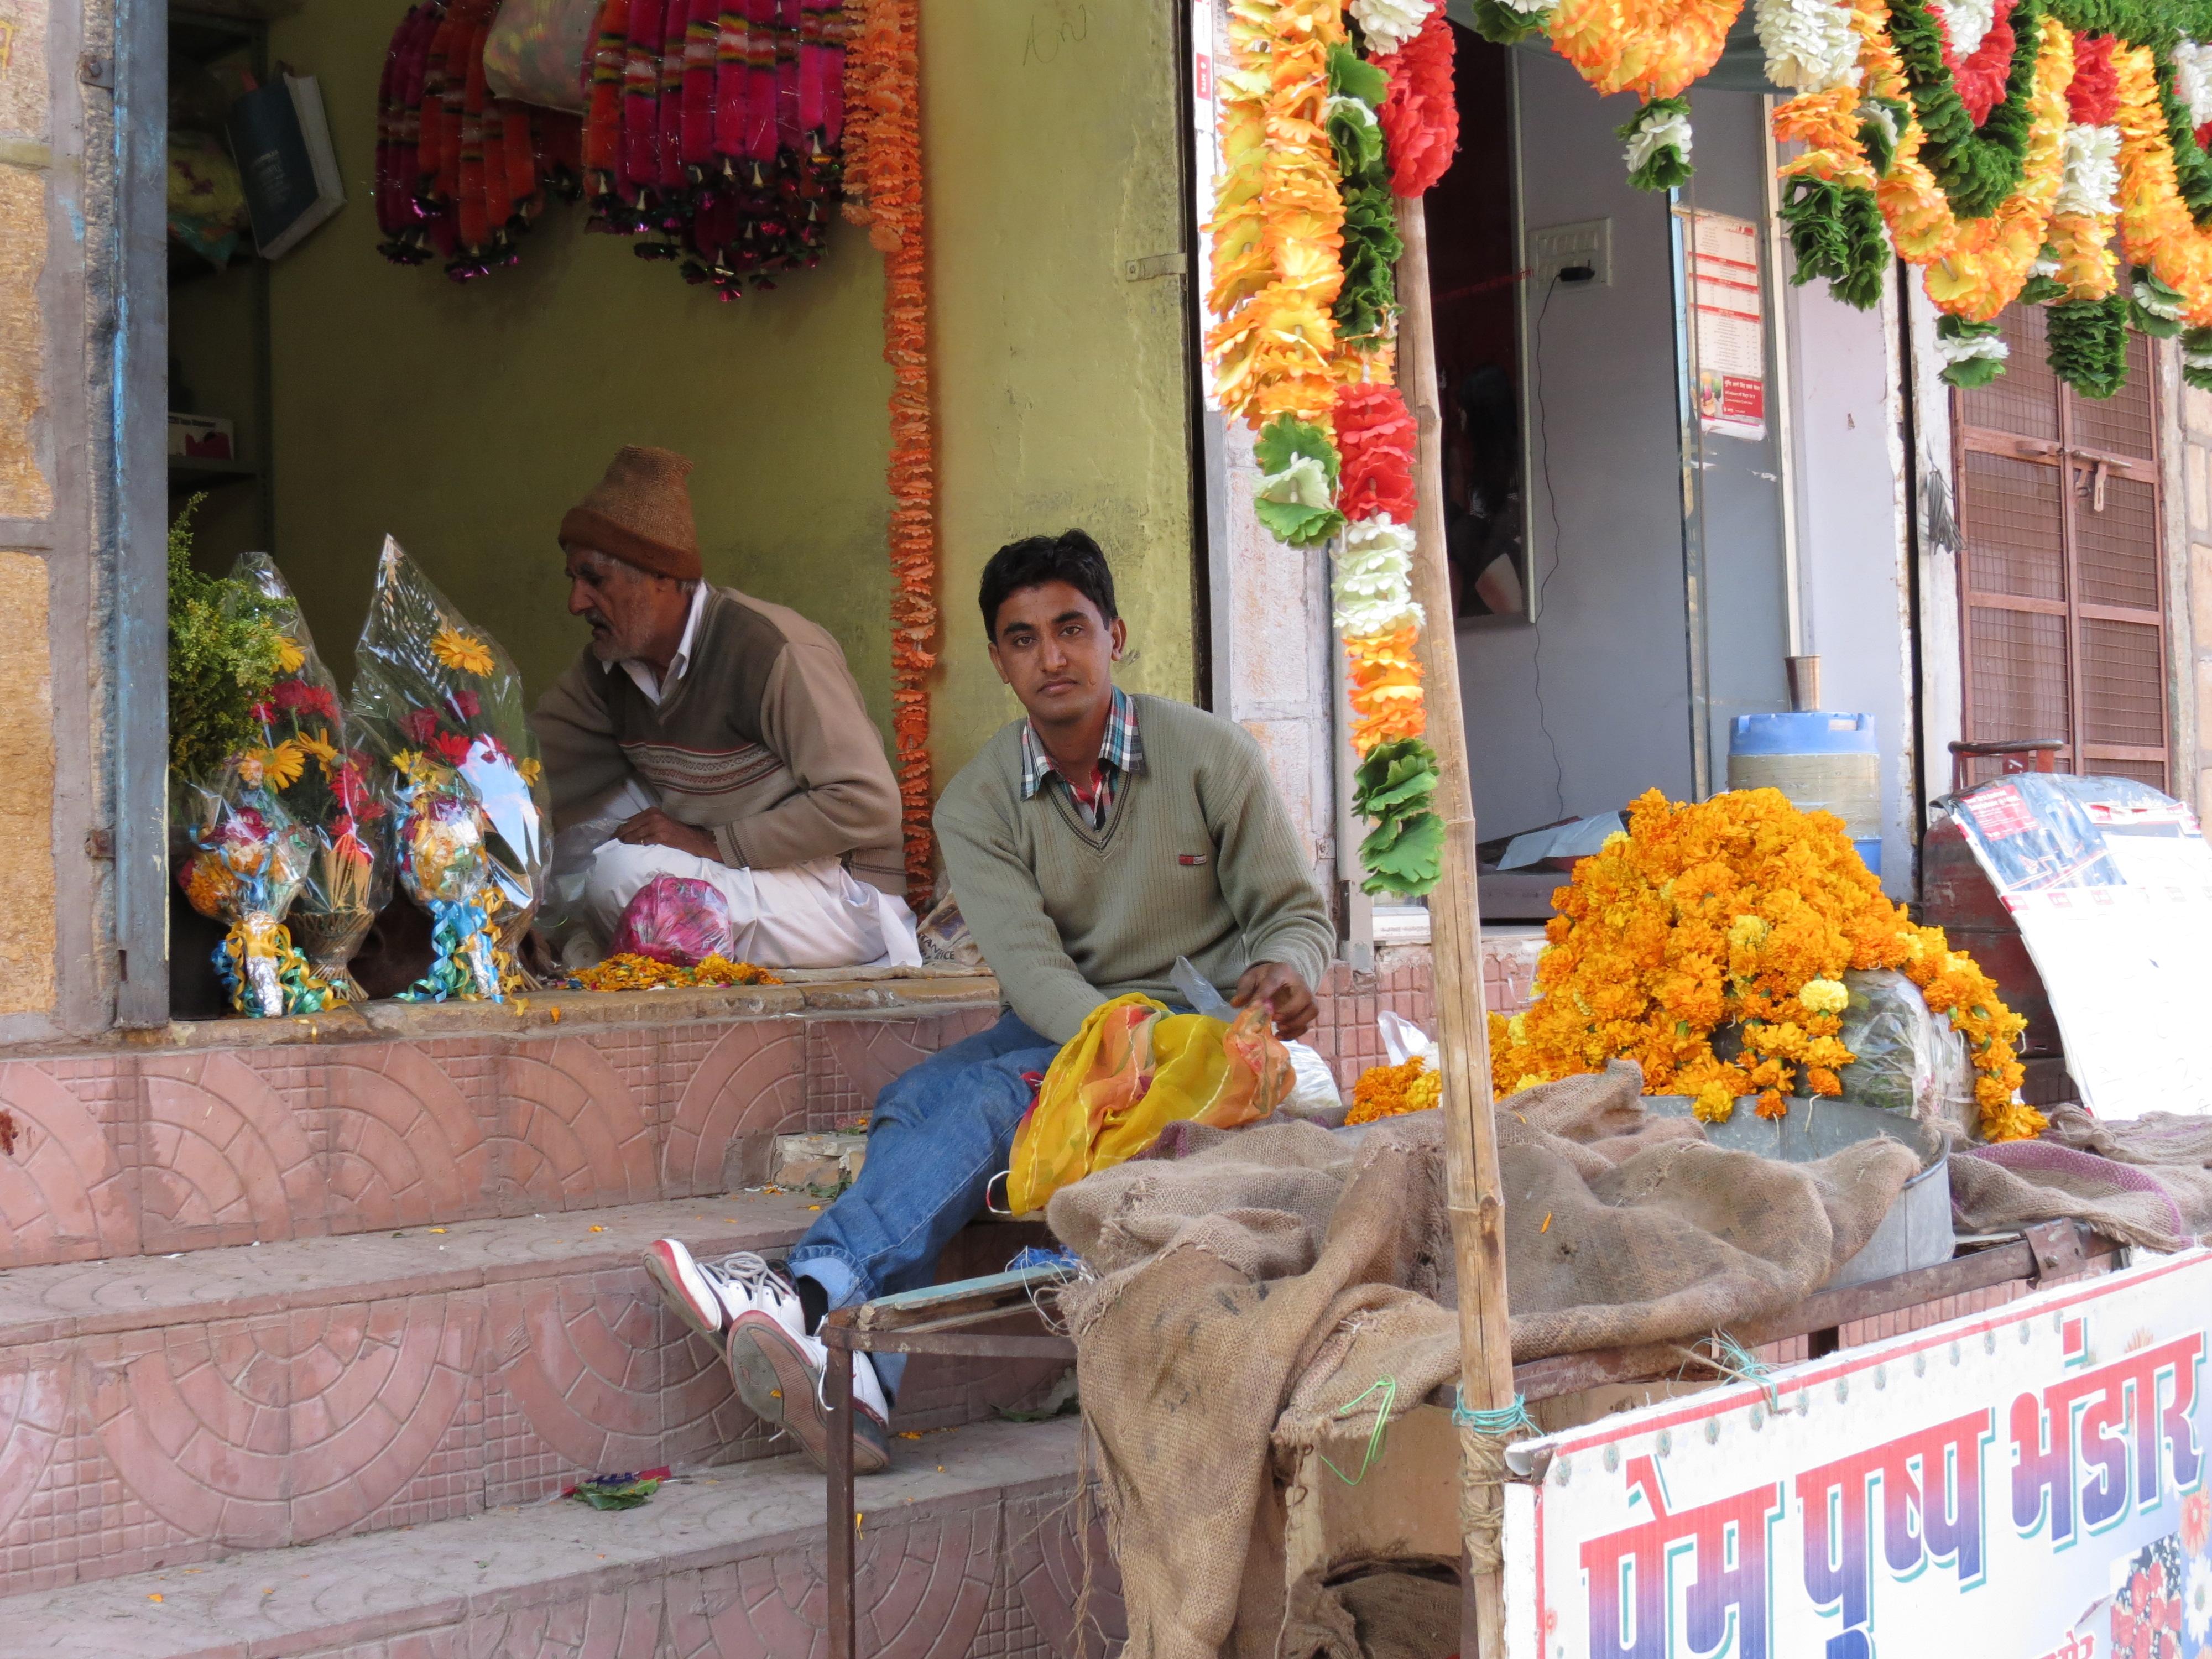 Luca Errera, Daniela Trastulli, India, Rajasthan, Jaisalmer, venditore, fiori, corone